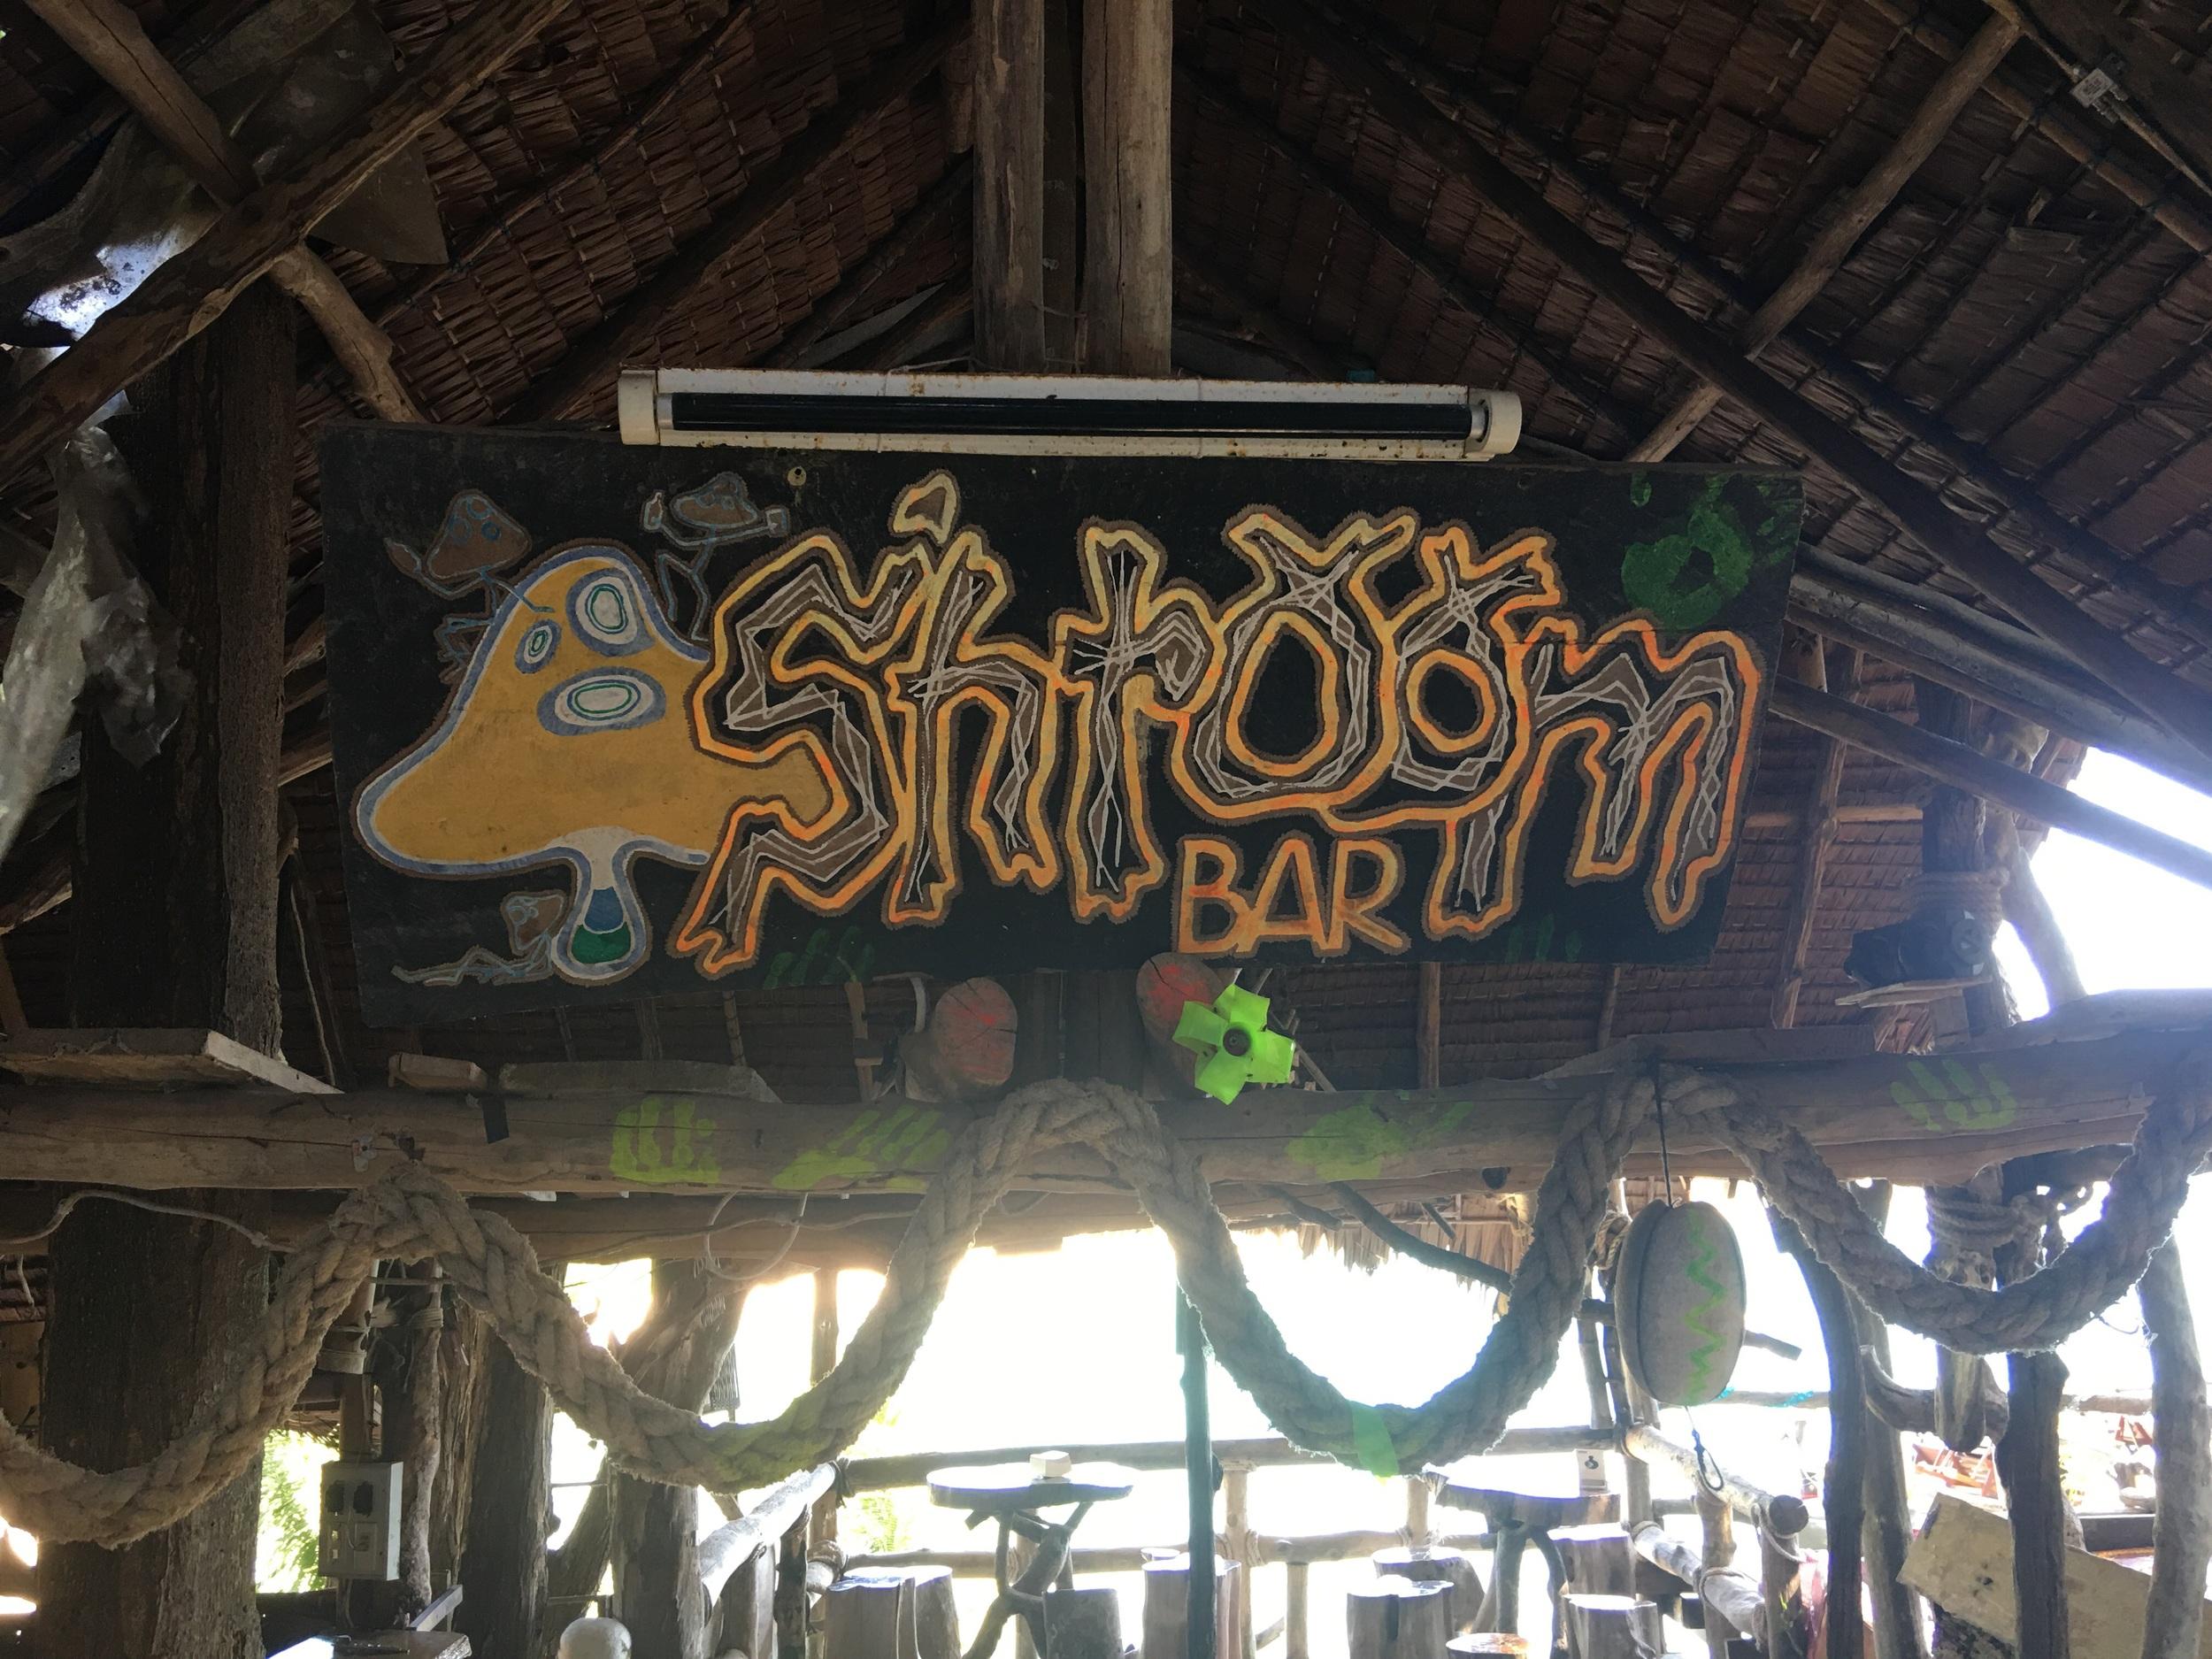 Shroom Bar